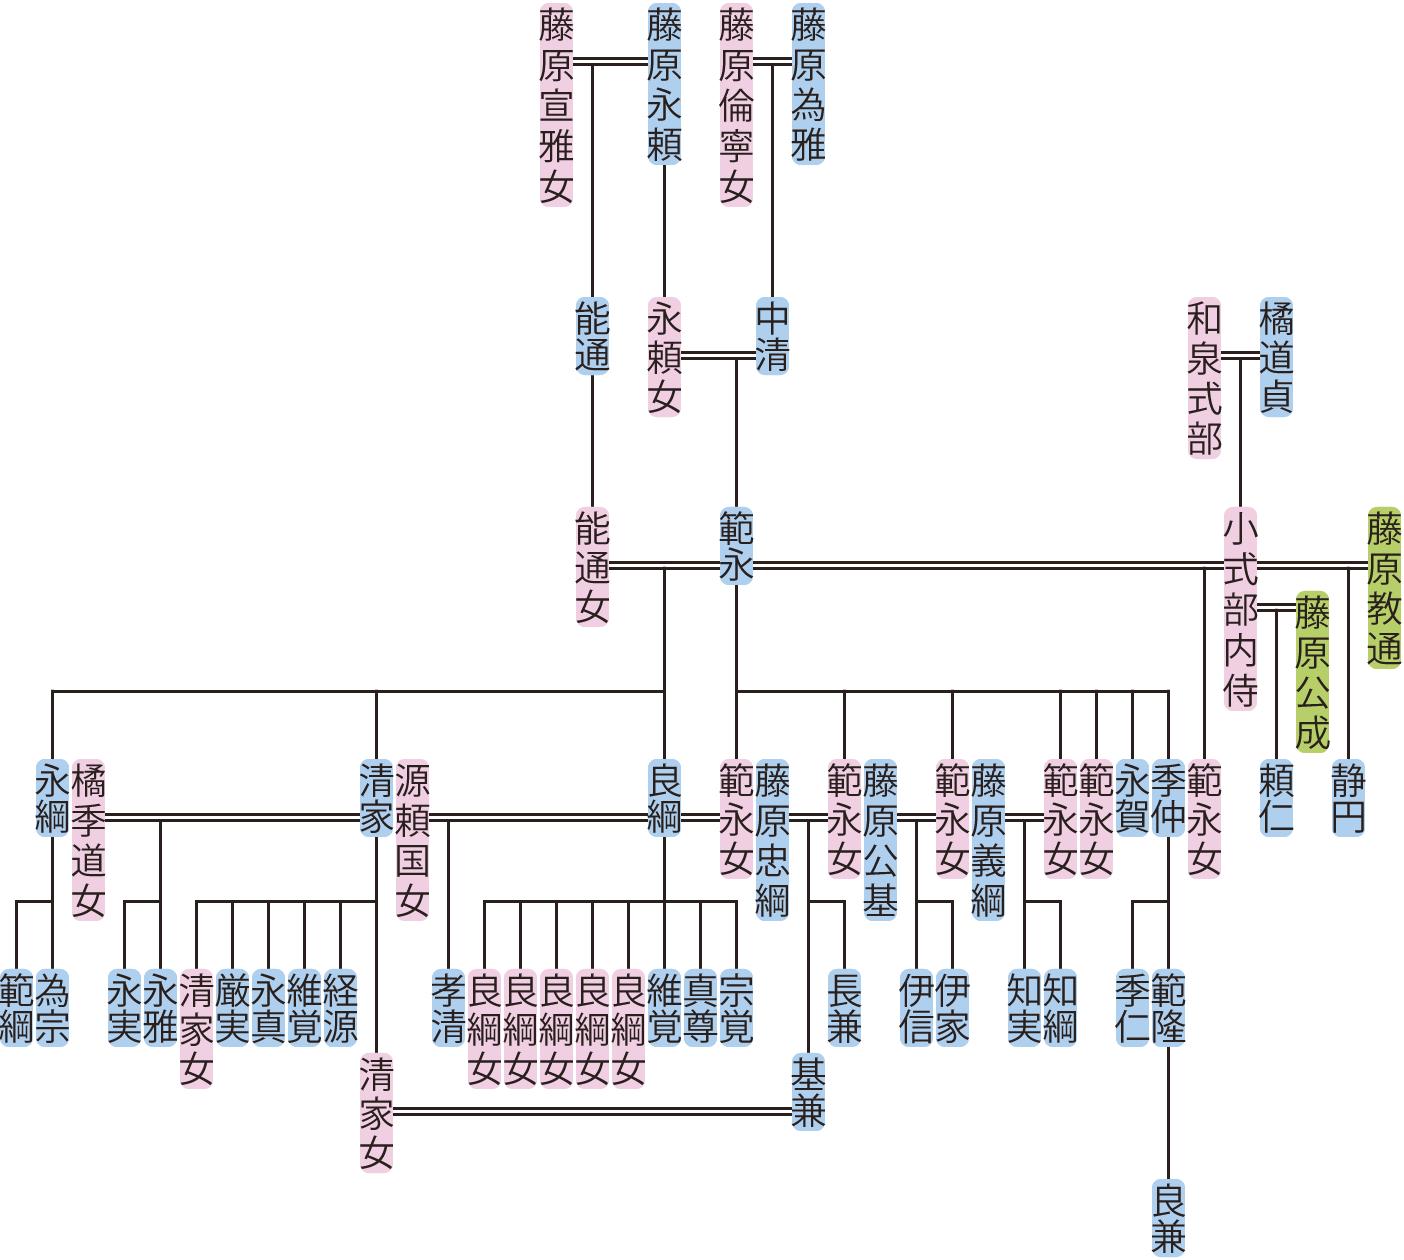 藤原範永の系図